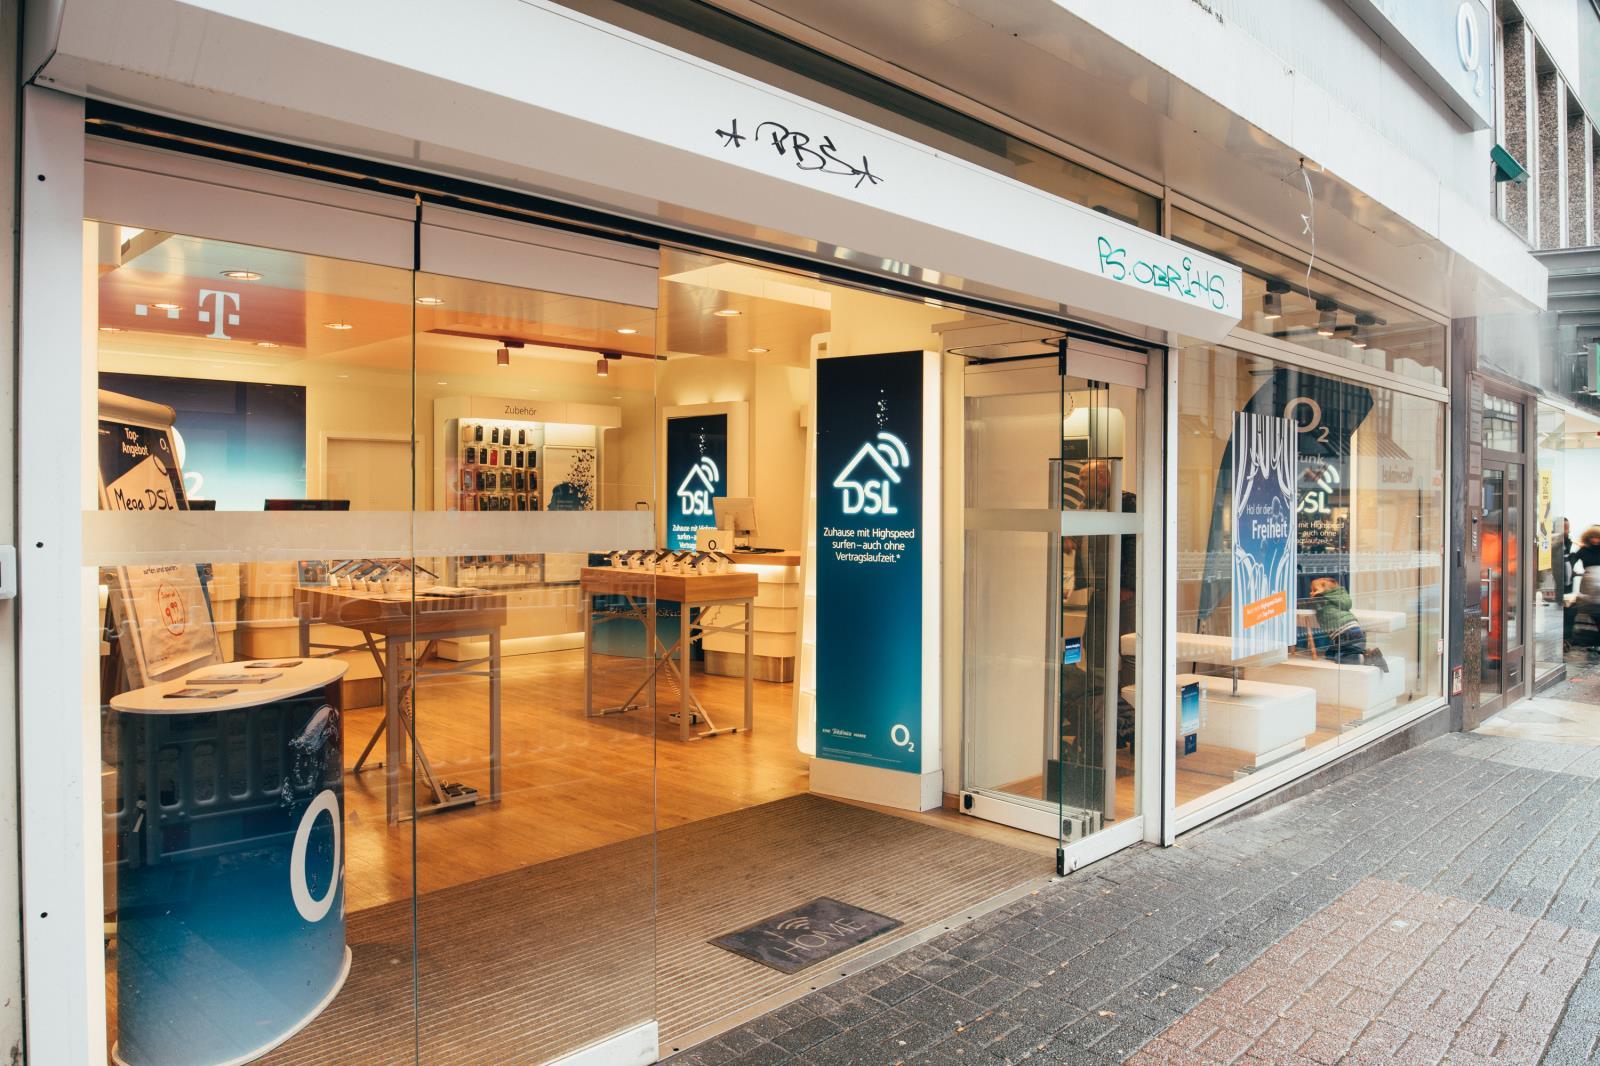 o2 Shop, Kortumstraße 73 in Bochum